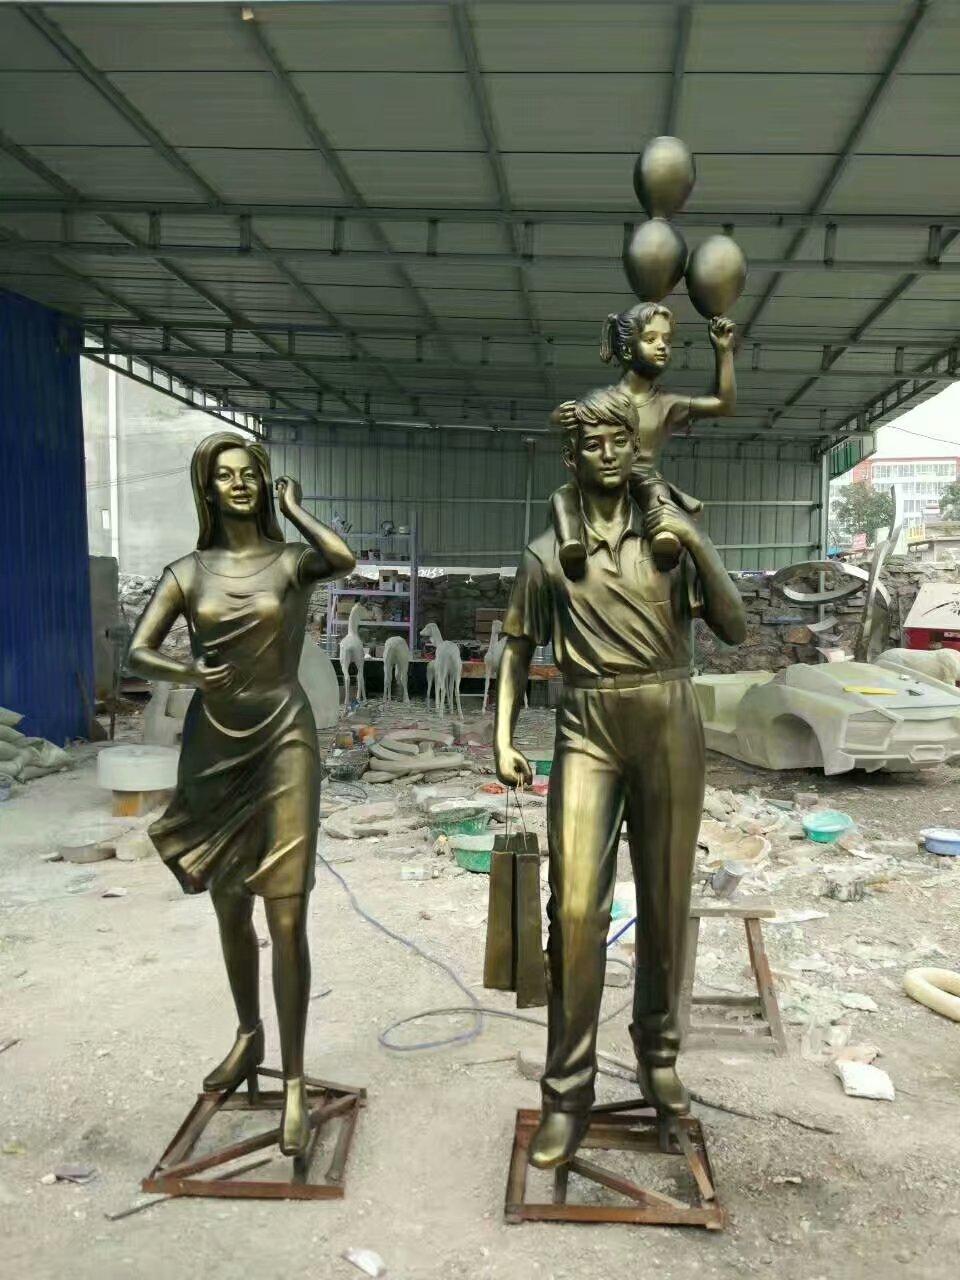 静态一家三口雕塑厂家[源头工厂]仿铜一家三口雕塑厂家-山西天启雕塑